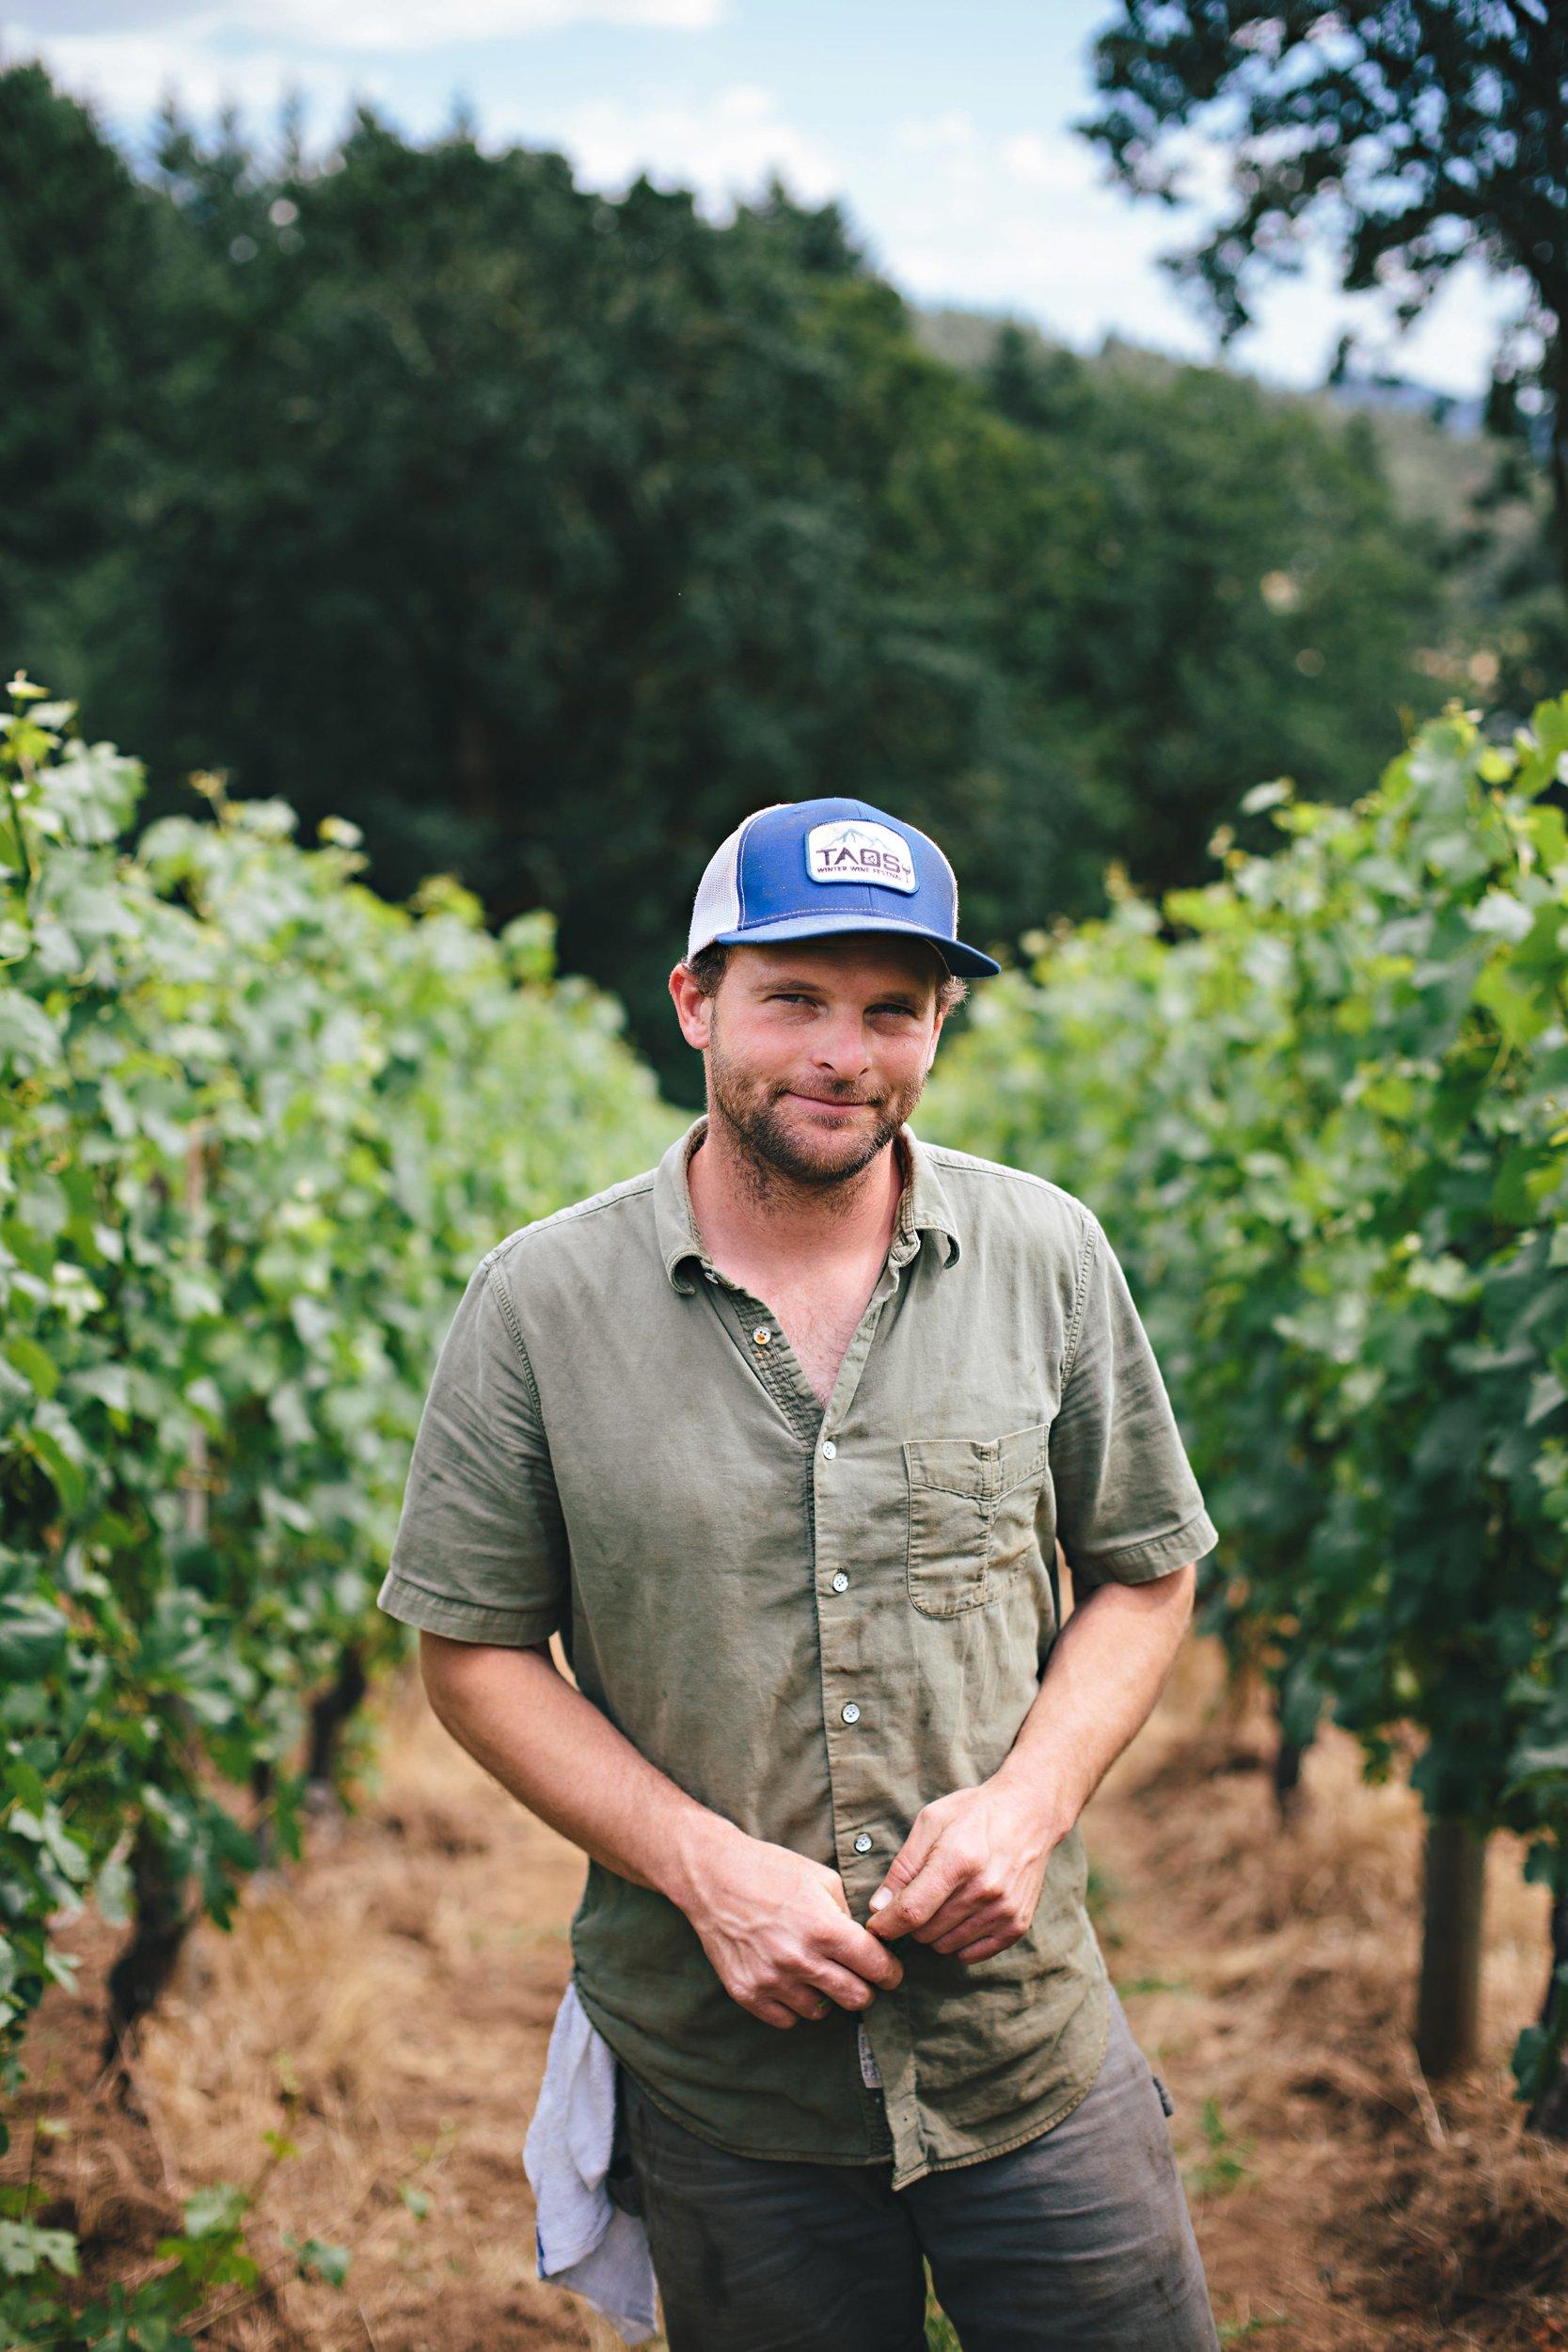 MIKE D. ETZEL - Winemaker